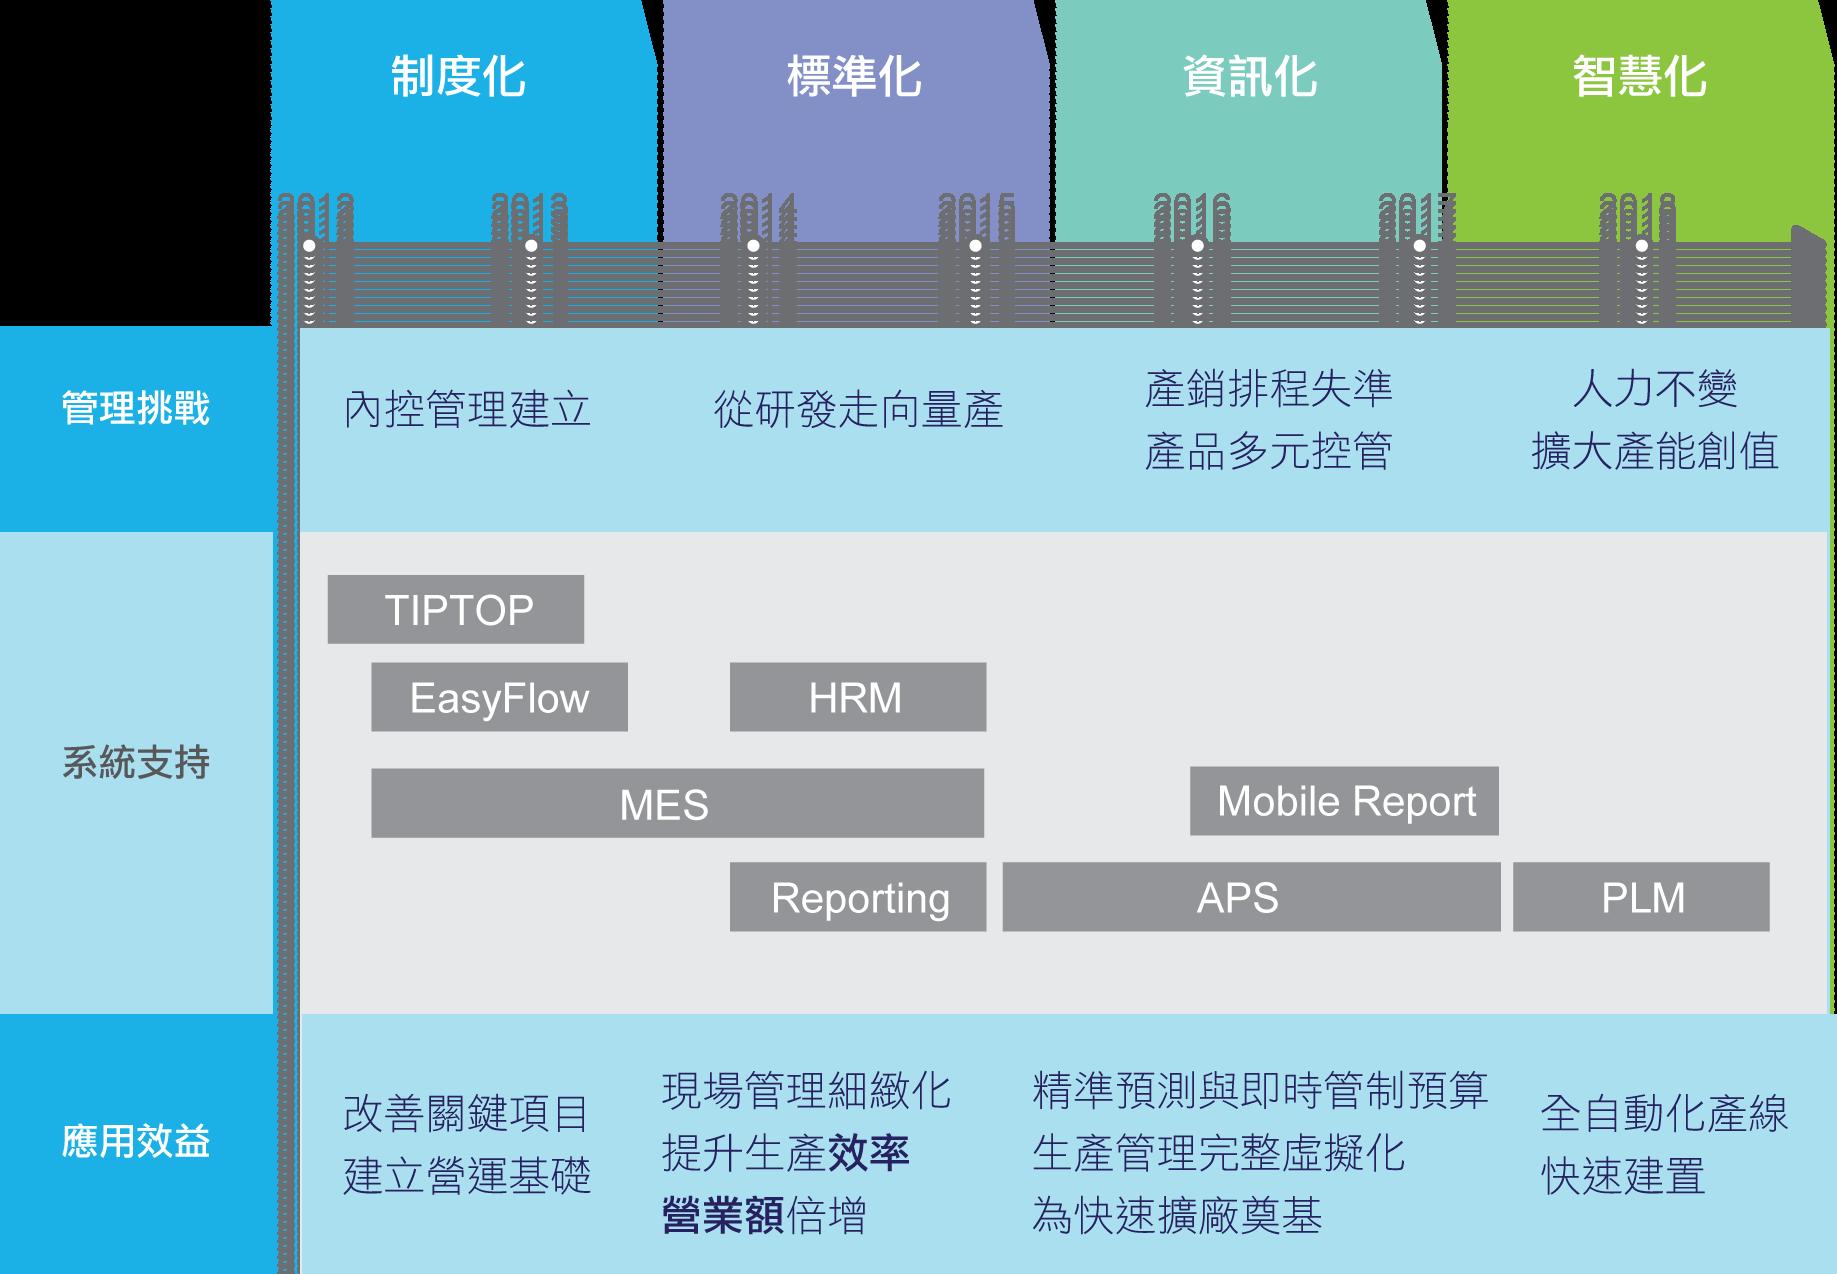 望隼資訊軟體佈建歷程與應用效益.png